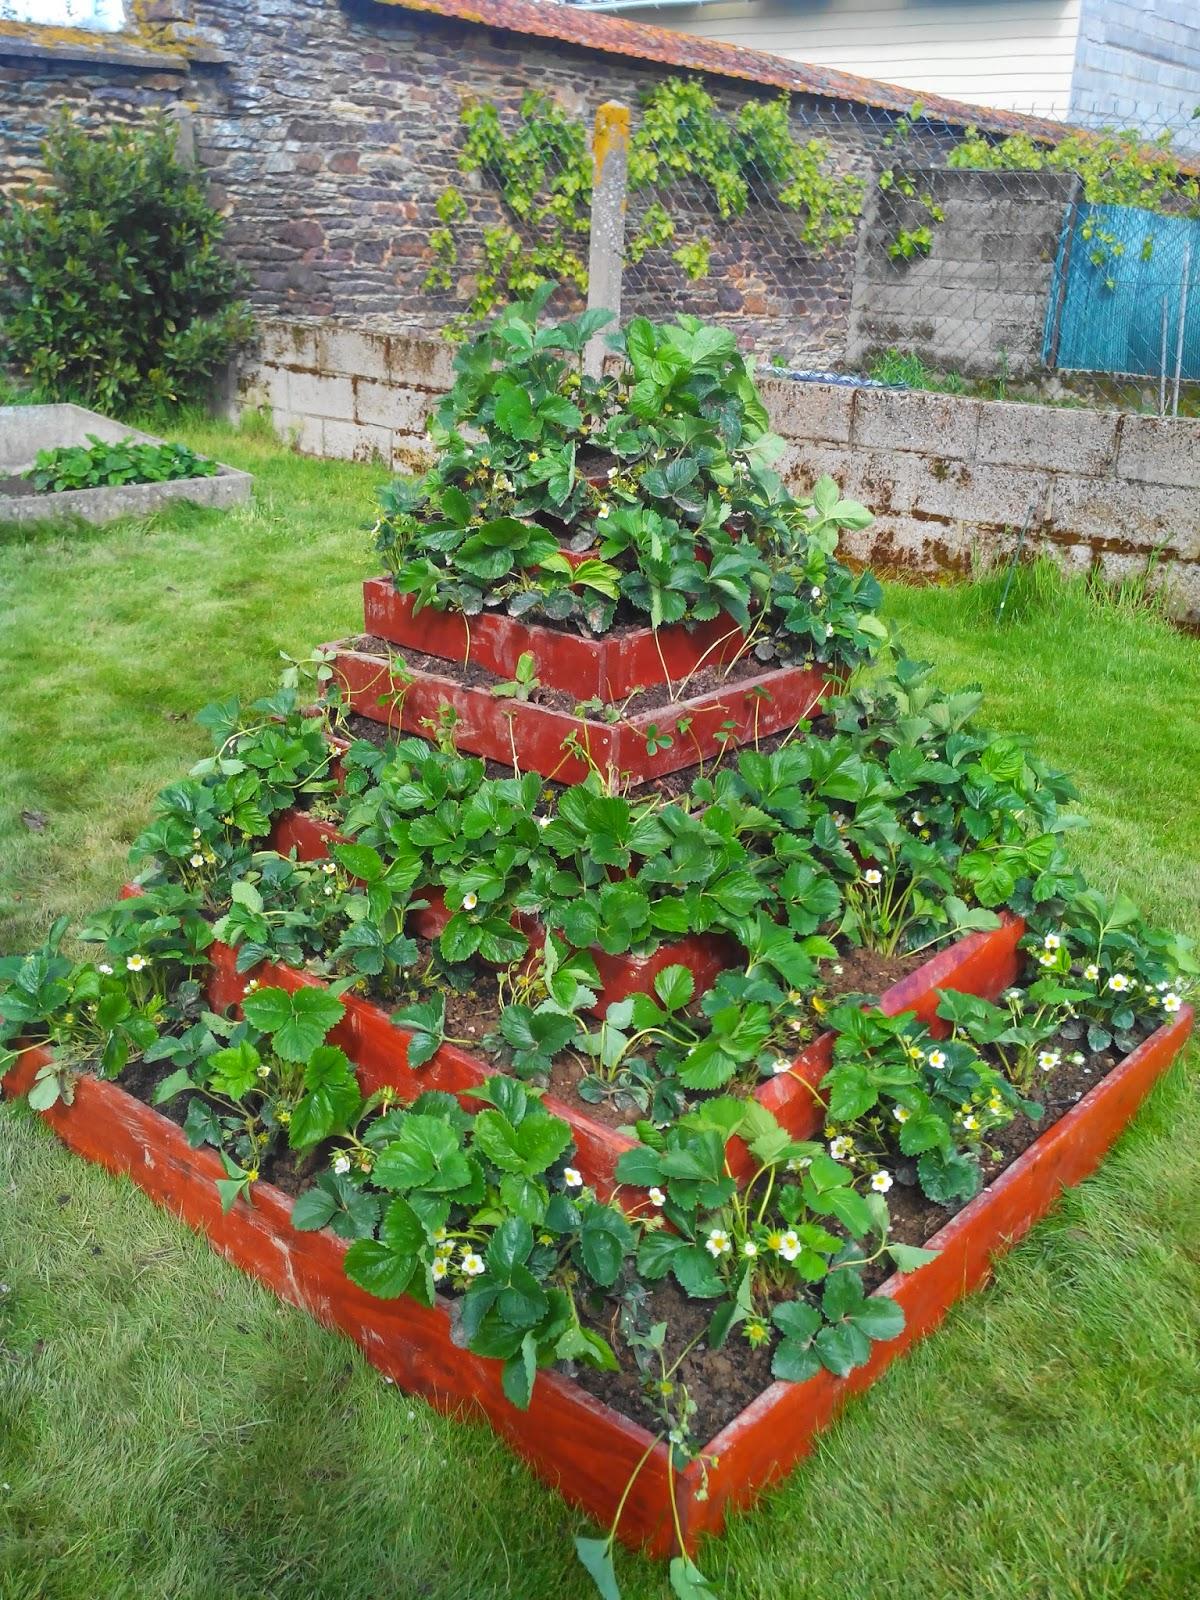 Breuillet nature des potagers qui font r ver album for Agencement de jardin potager